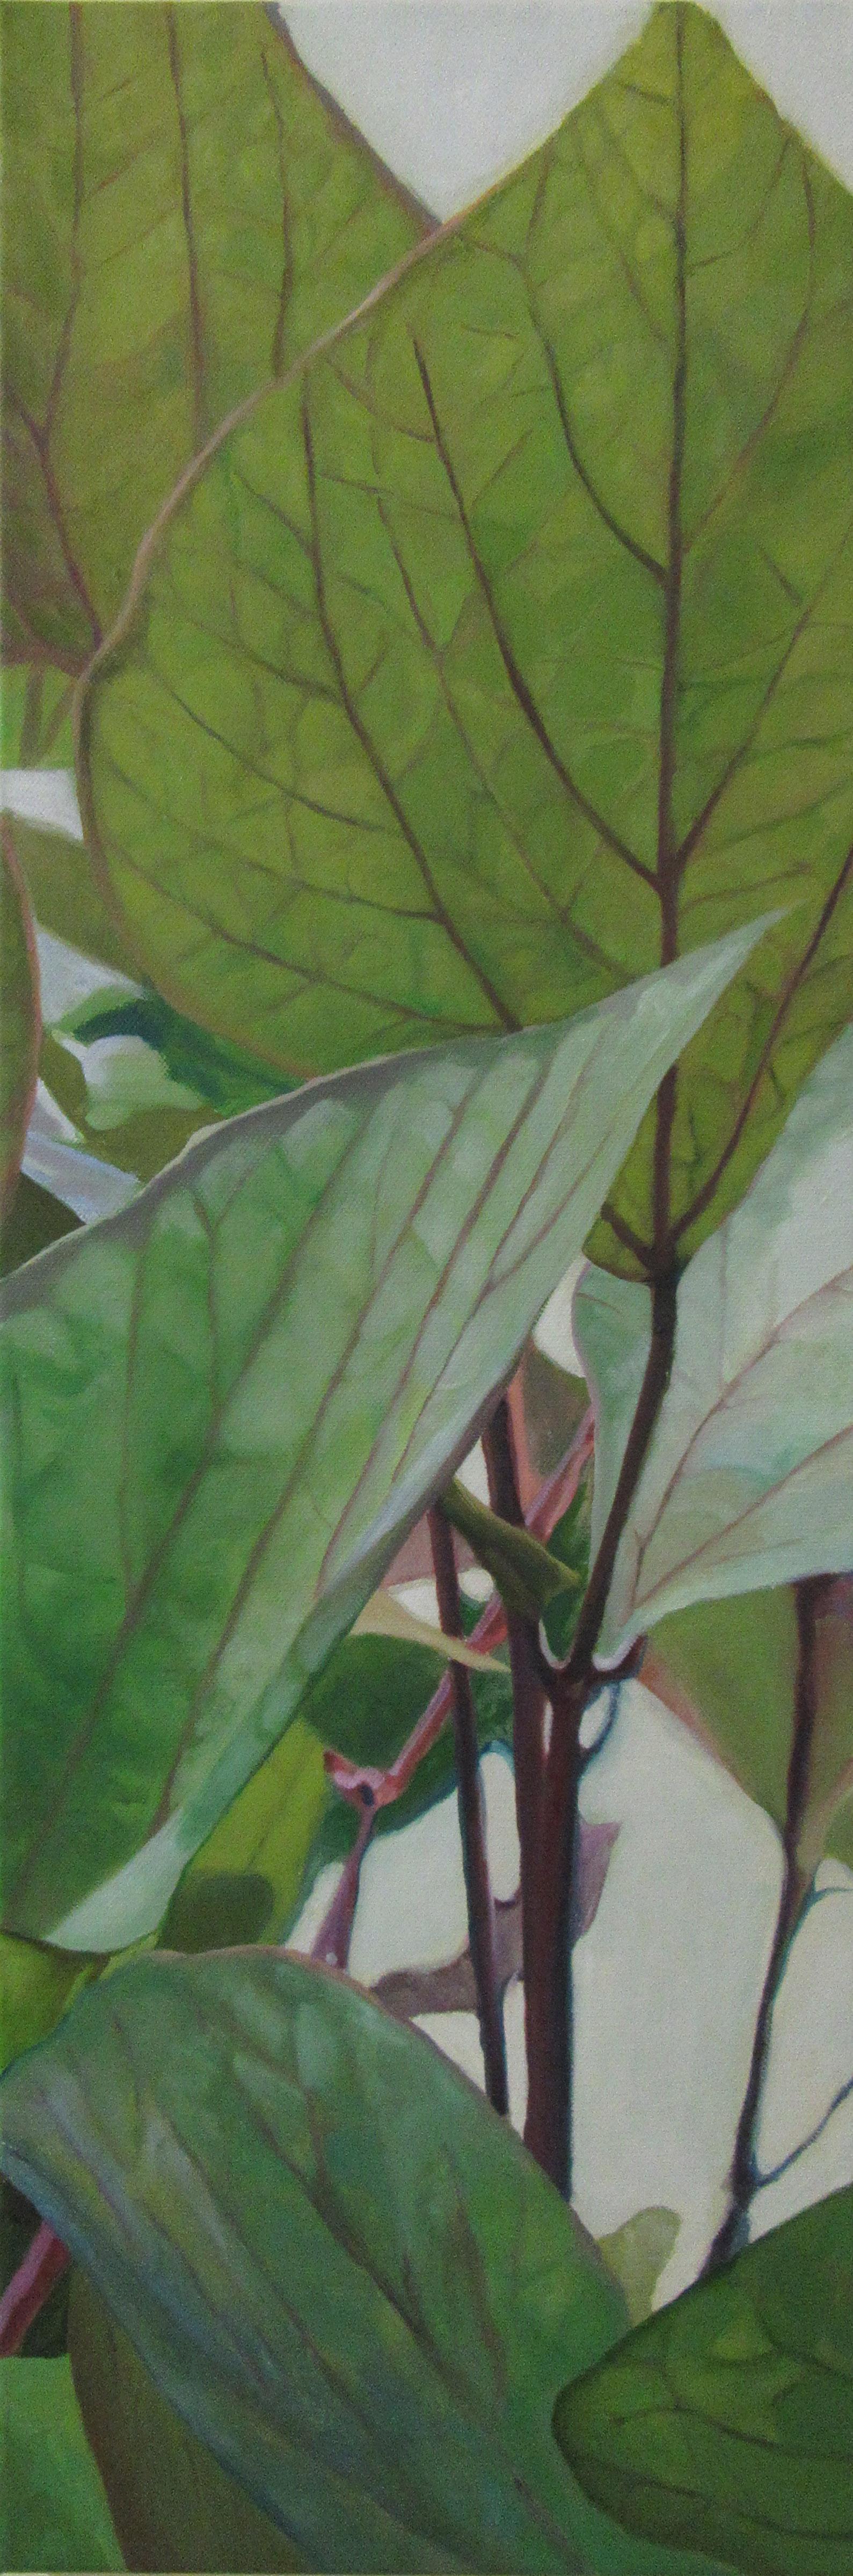 Hyacinth Bean Vine3